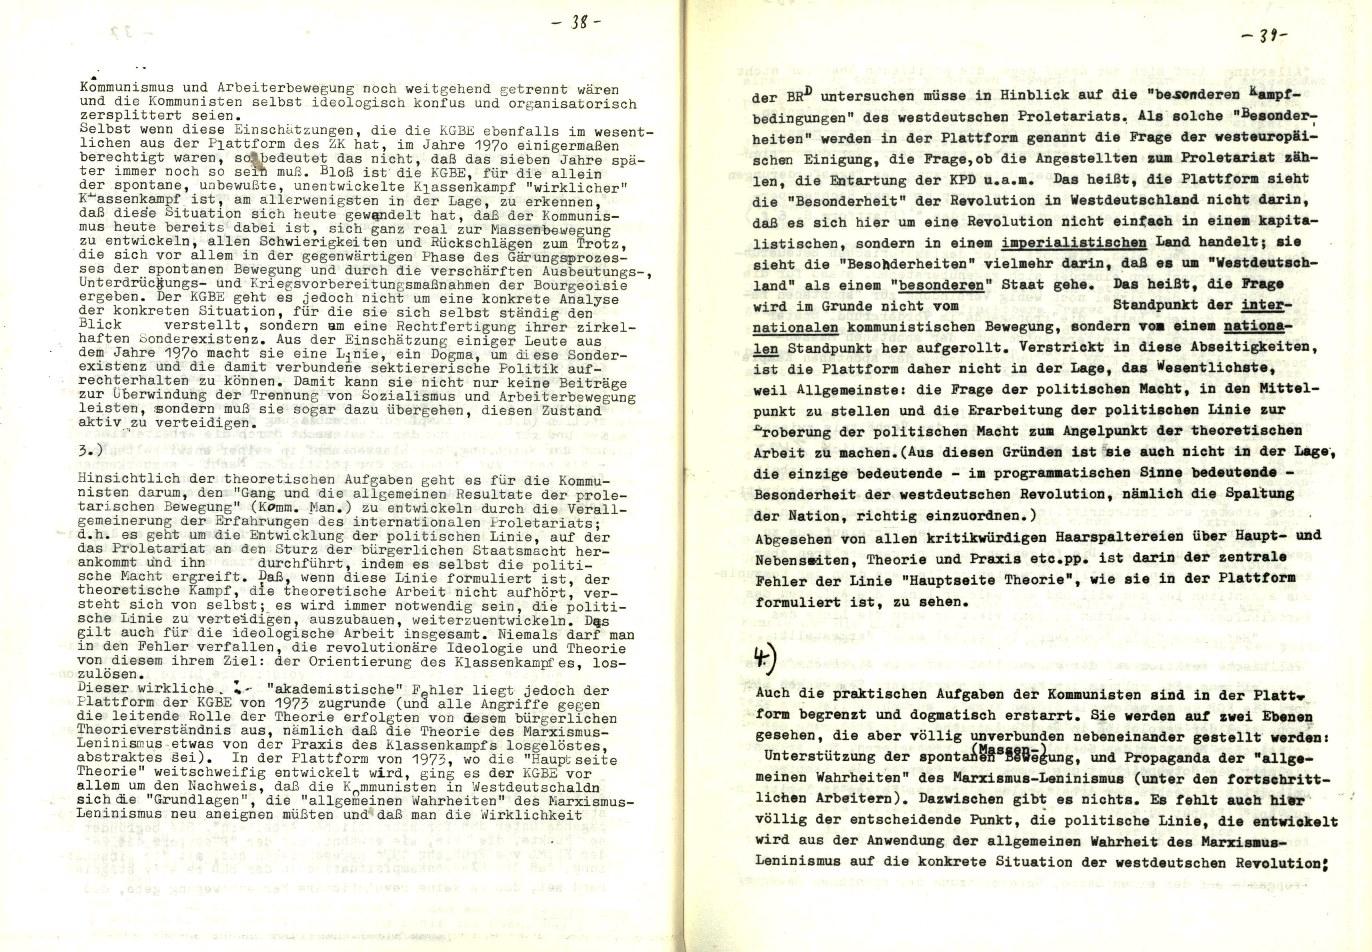 KGBE_Ehemalige_1977_Kritik_an_der_KGBE_23